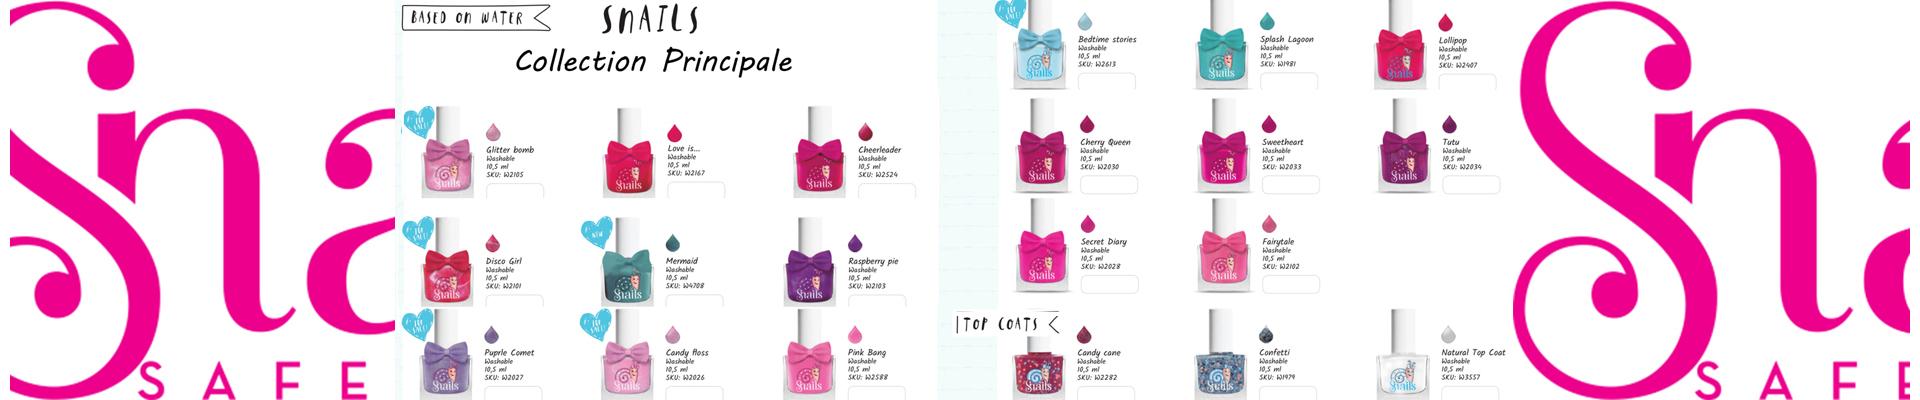 Maximalices - Vernis Snails collection classique pour enfant lavables à l'eau et au savon